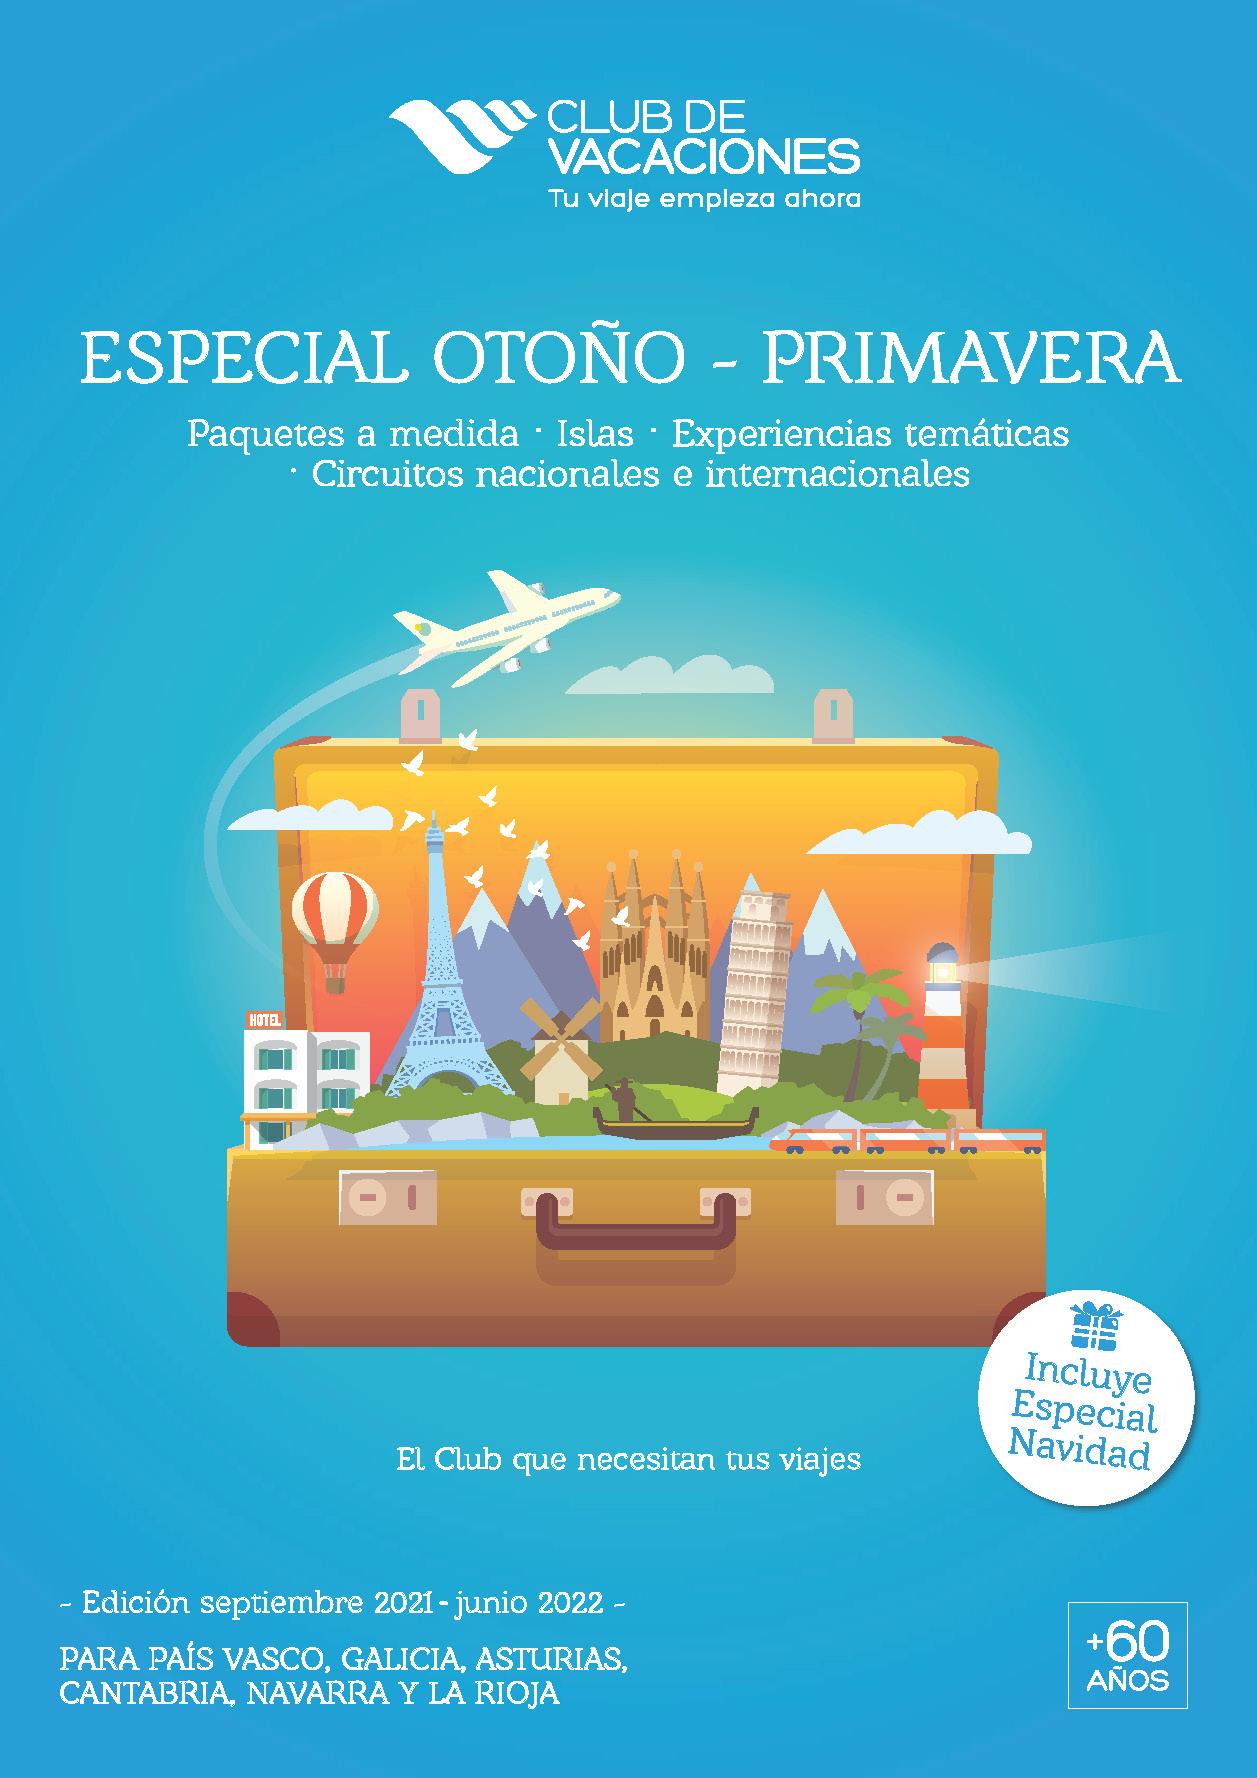 Catalogo Club de Vacaciones Circuitos Nacionales e Internacionales Experiencias Tematicas Paquetes a Medida Islas y Navidad 2021-2022 salidas zona Norte